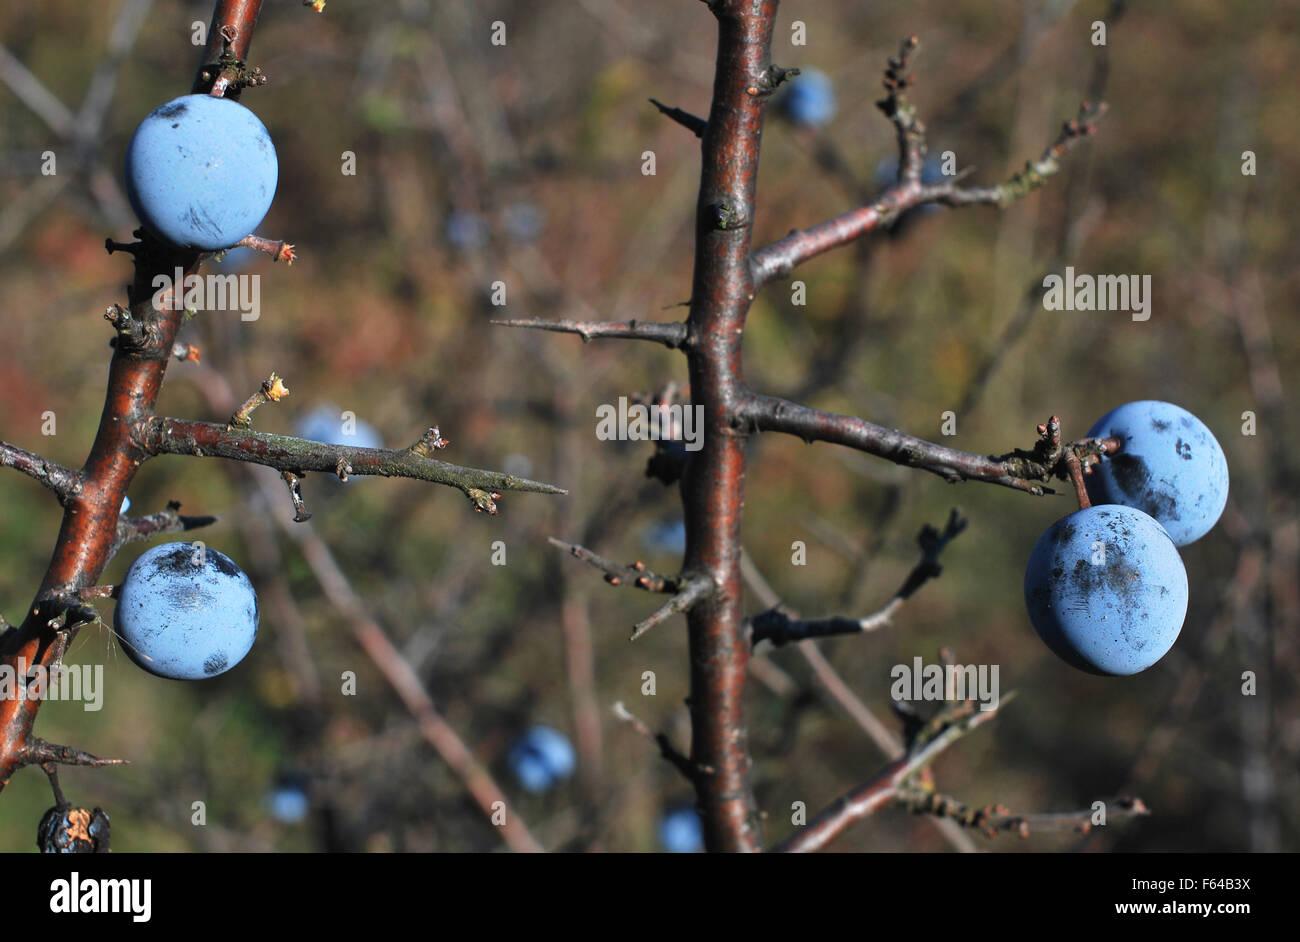 Wild plum (prunus spinosa) - Stock Image